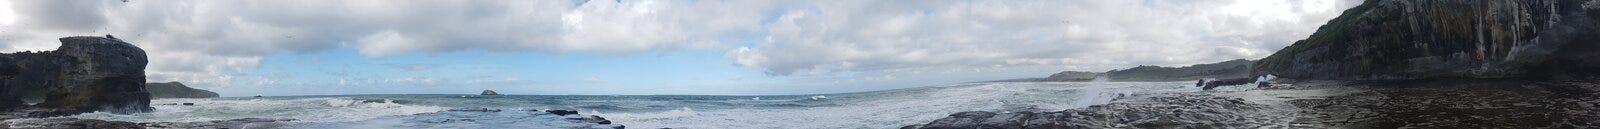 Dziki dziki zachodni biały obmycie macha panoramicznego zdjęcie royalty free